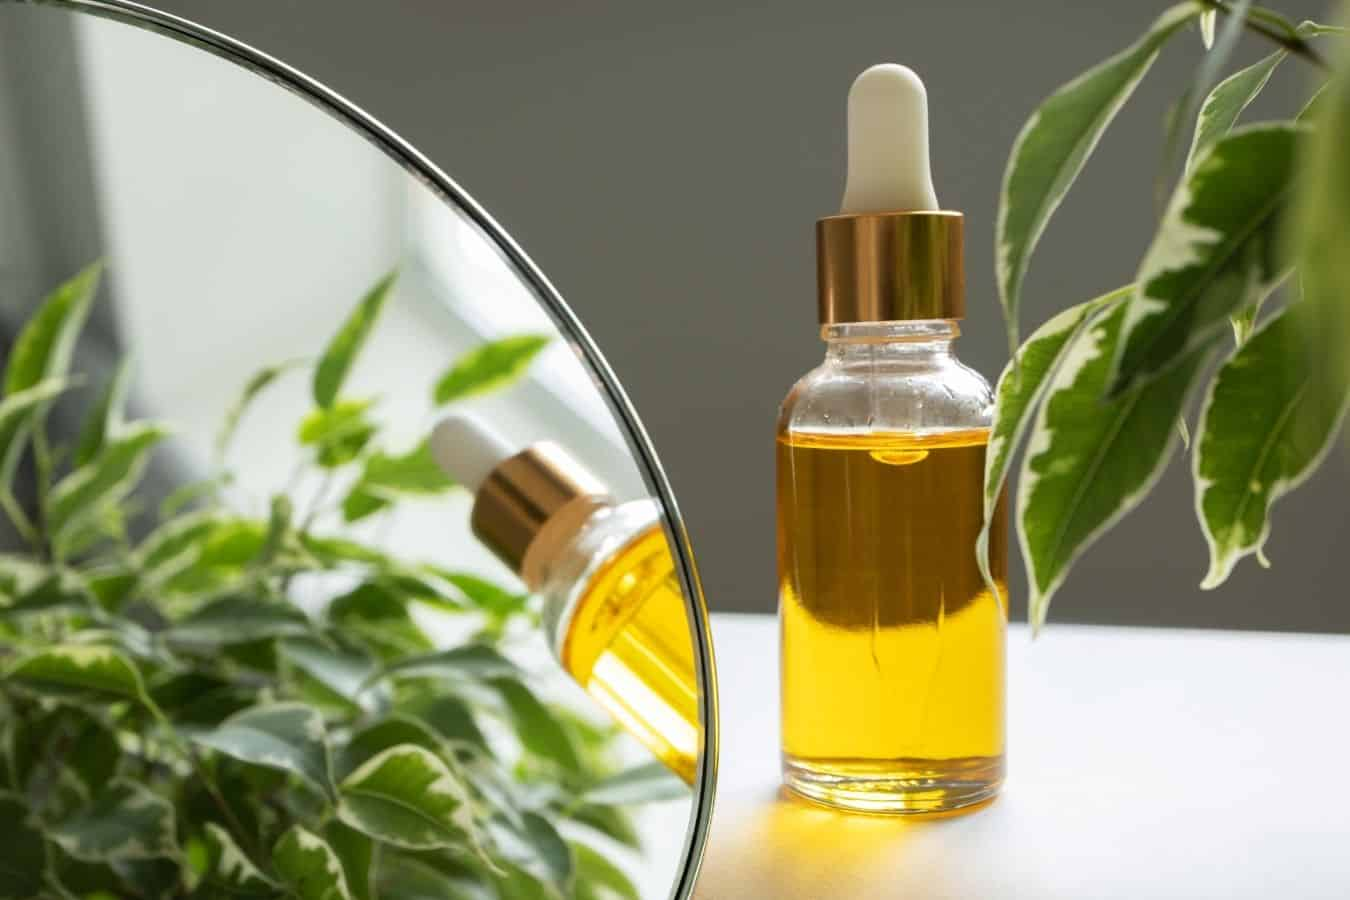 batana oil